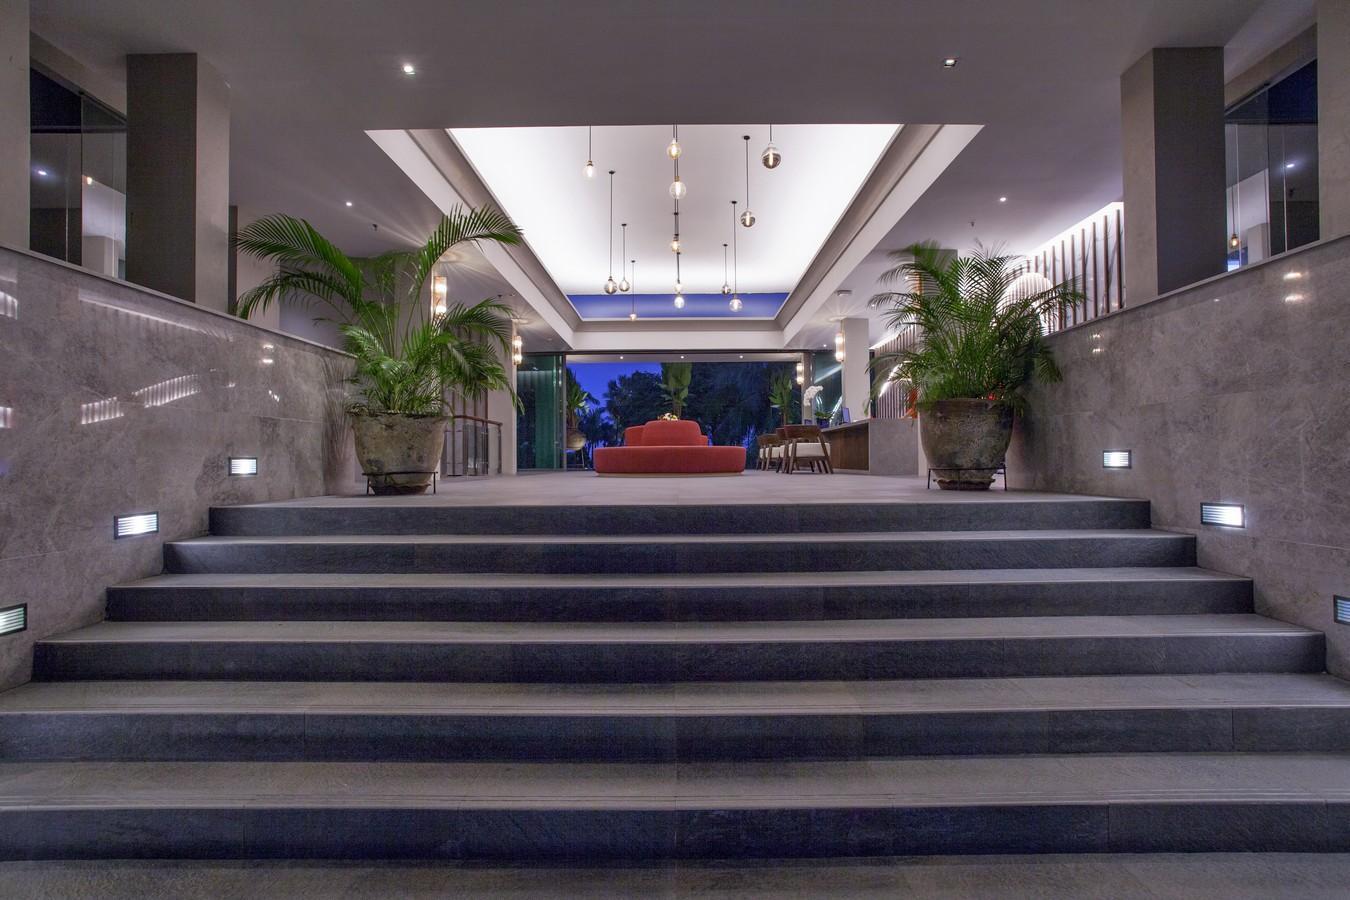 Ramada Khao Lak Resort รามาดา เขาหลัก รีสอร์ท